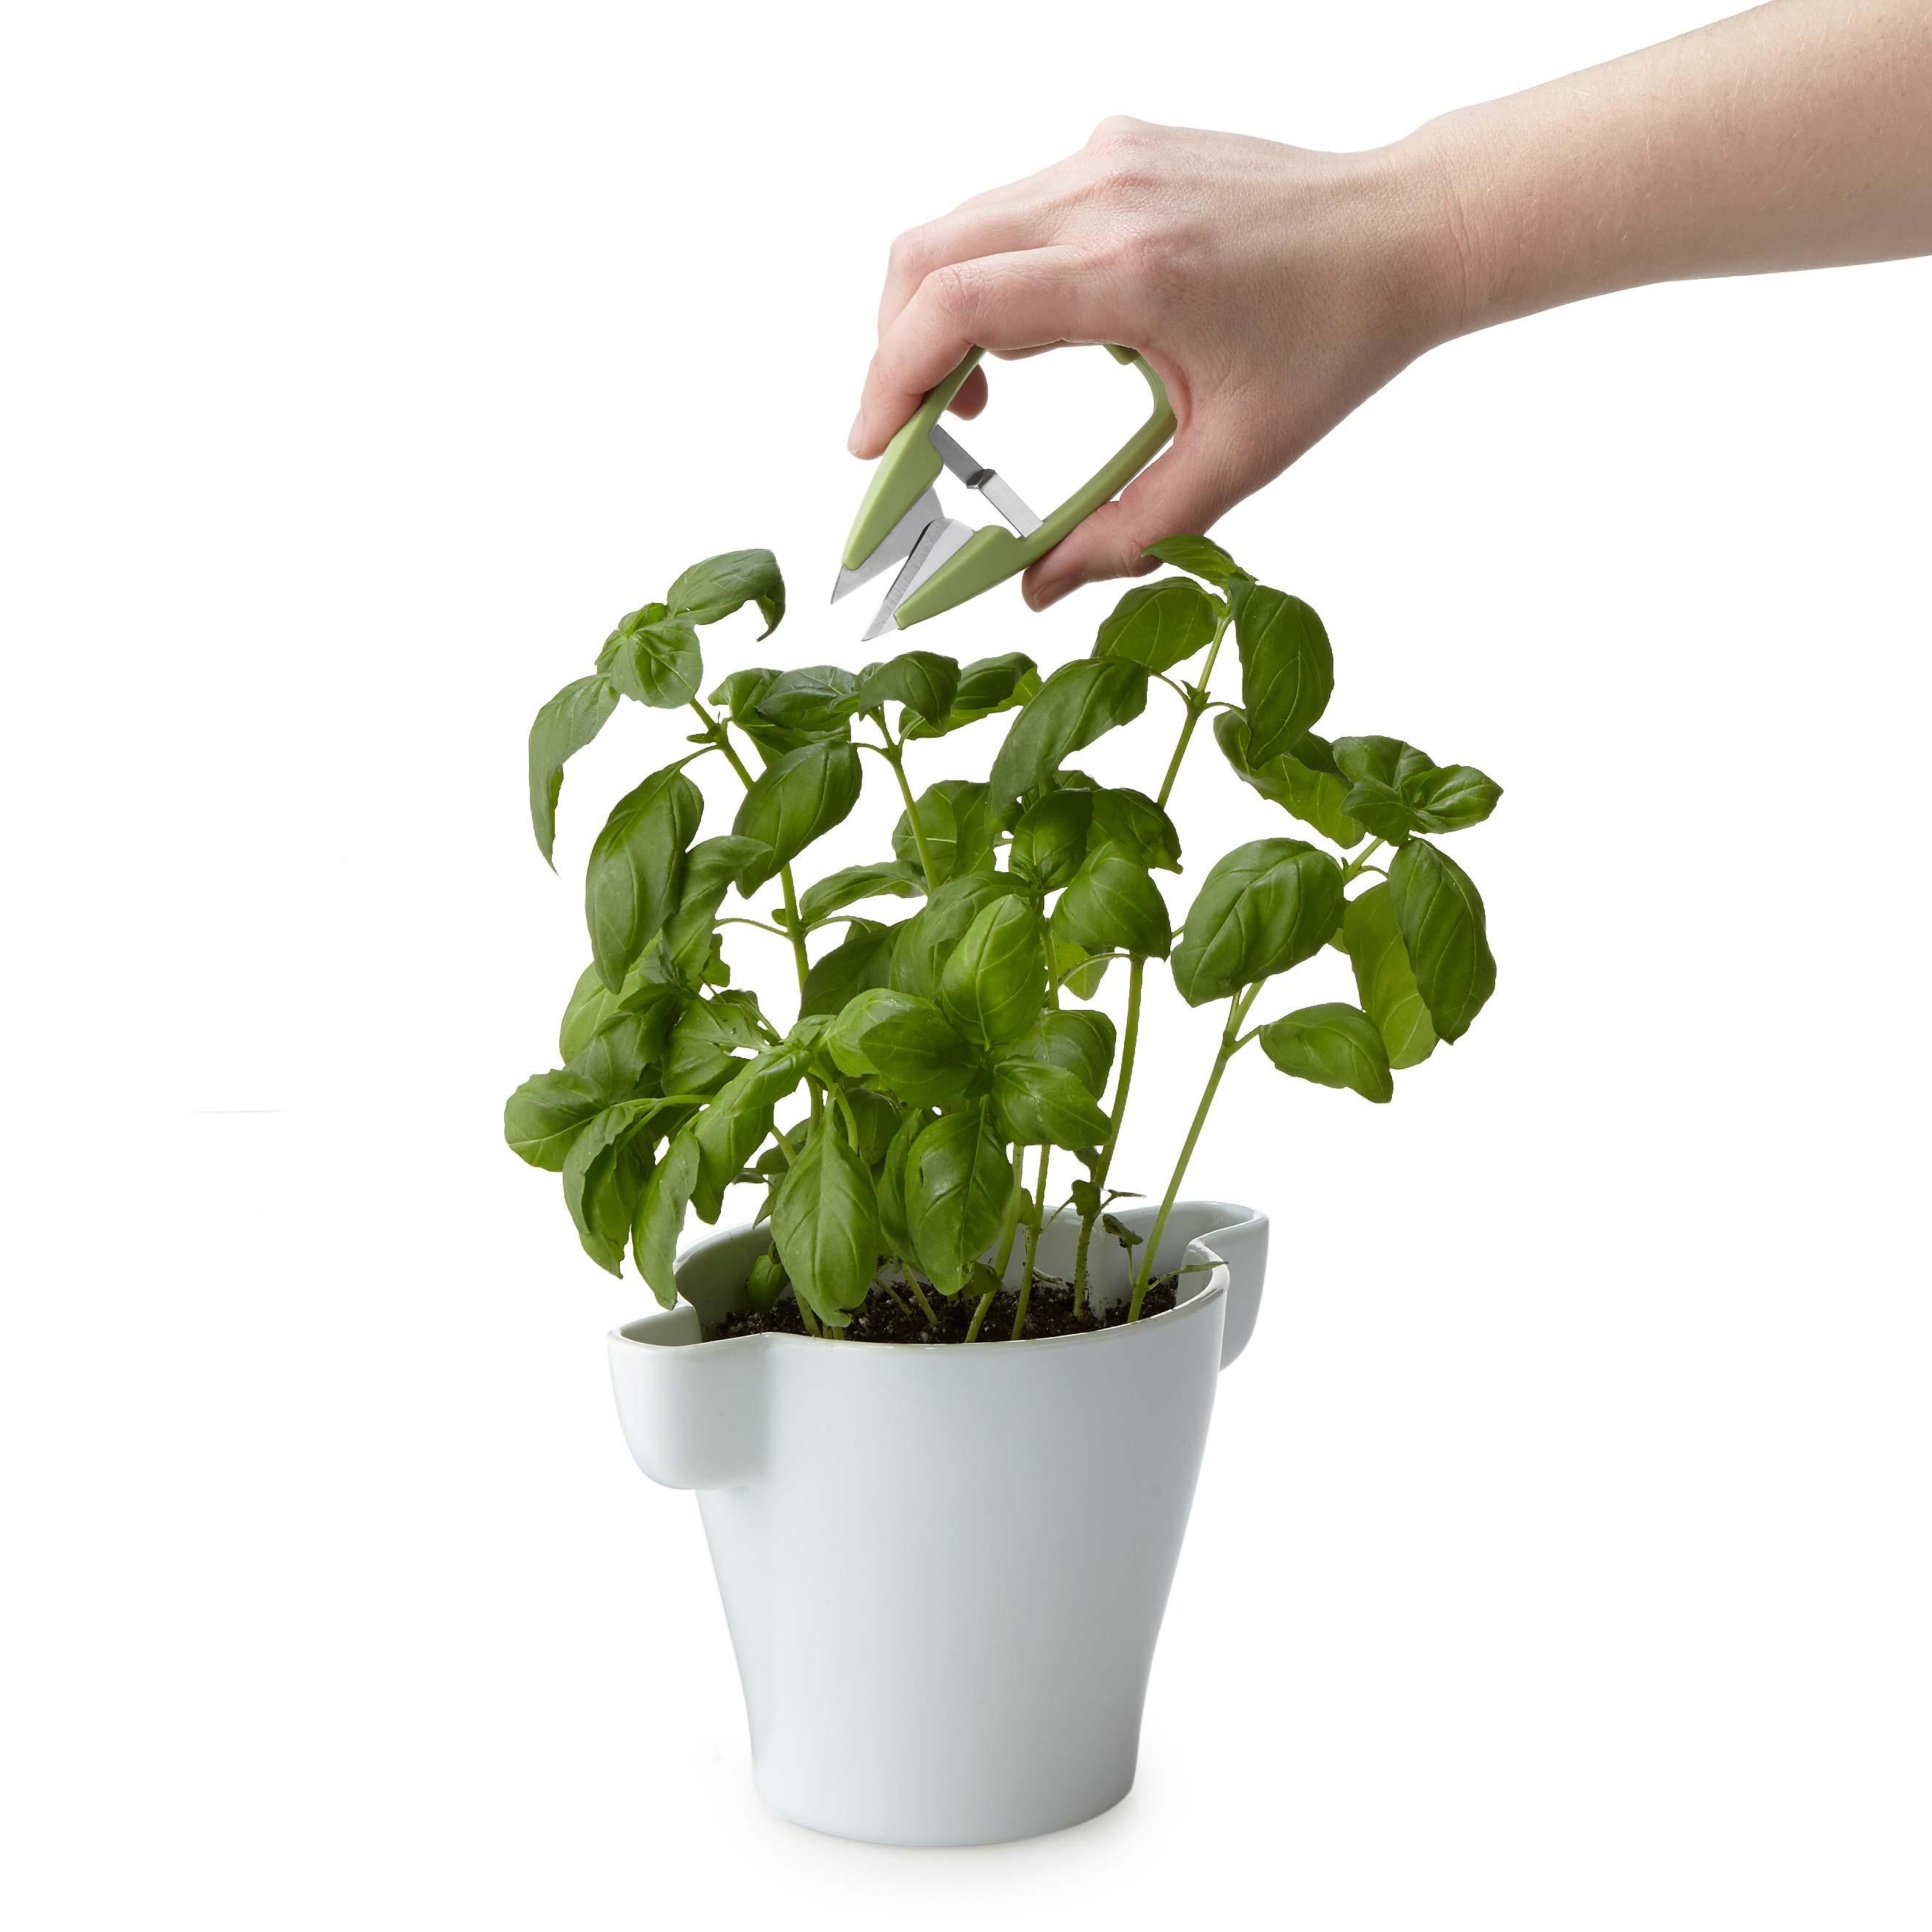 Herb Pot & Snip Set